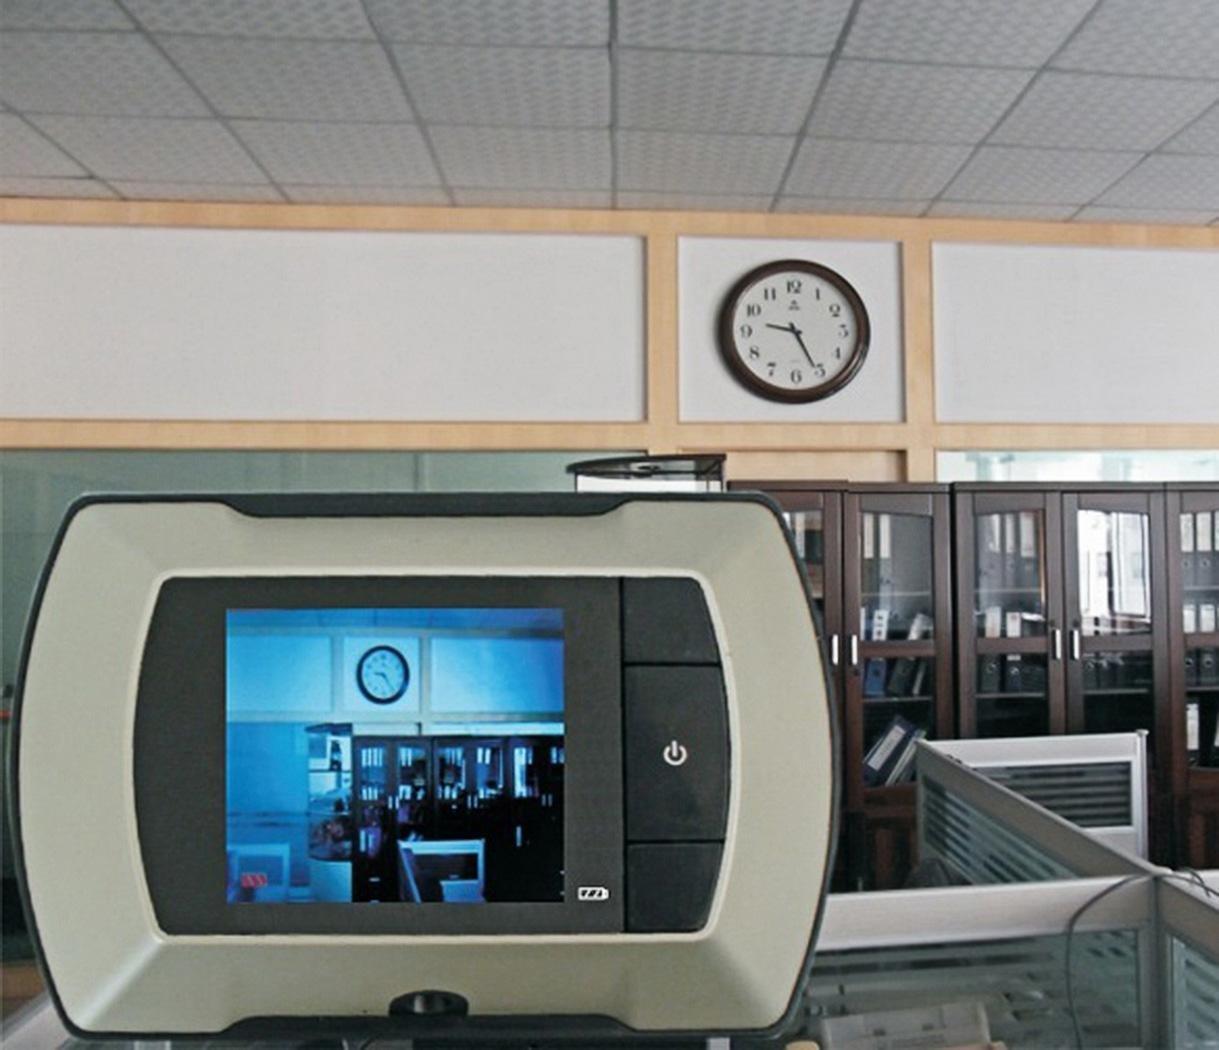 Visor digital de la puerta Timbre de la c/ámara de la mirilla Timbre de la c/ámara Pantalla LCD de 2.8 pulgadas Visi/ón nocturna Sesi/ón fotogr/áfica Monitoreo digital de la puerta para la seguridad del